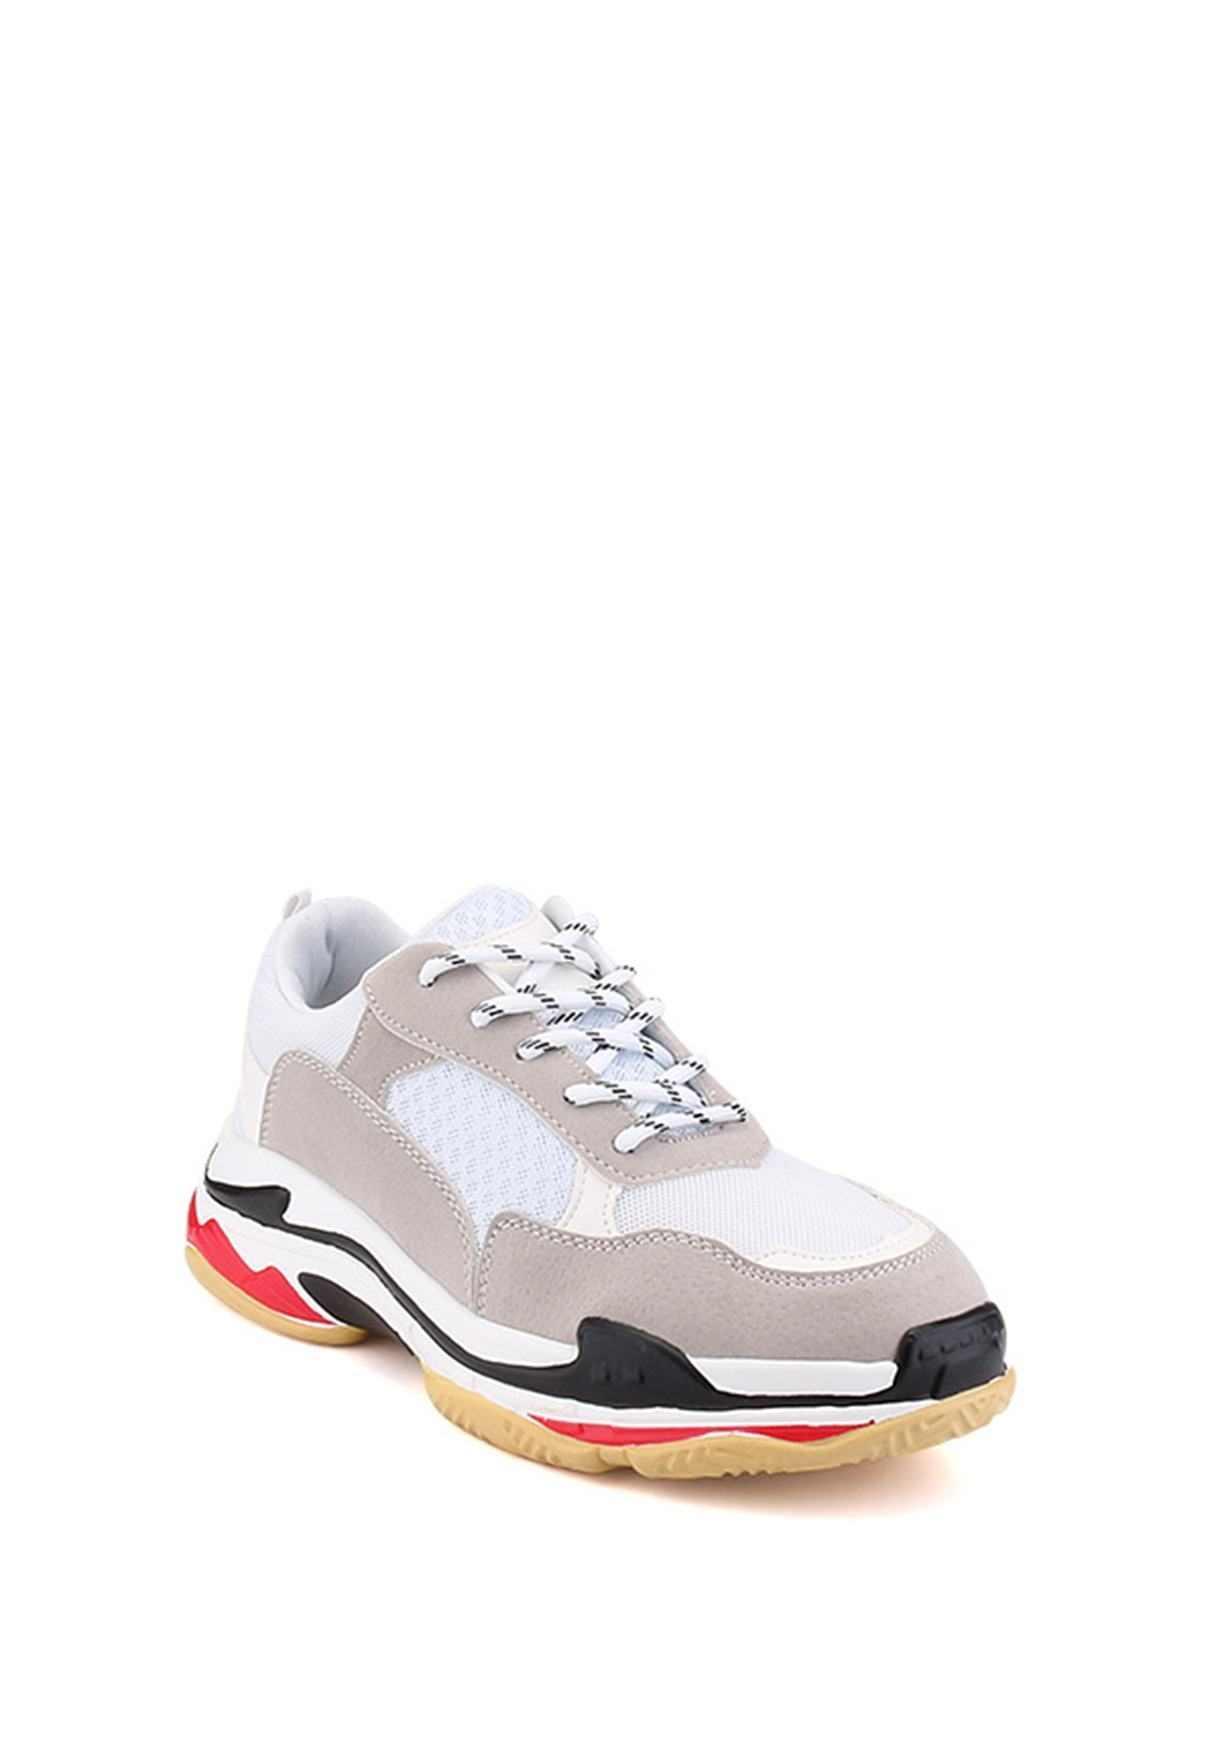 Women Sneaker Shoes